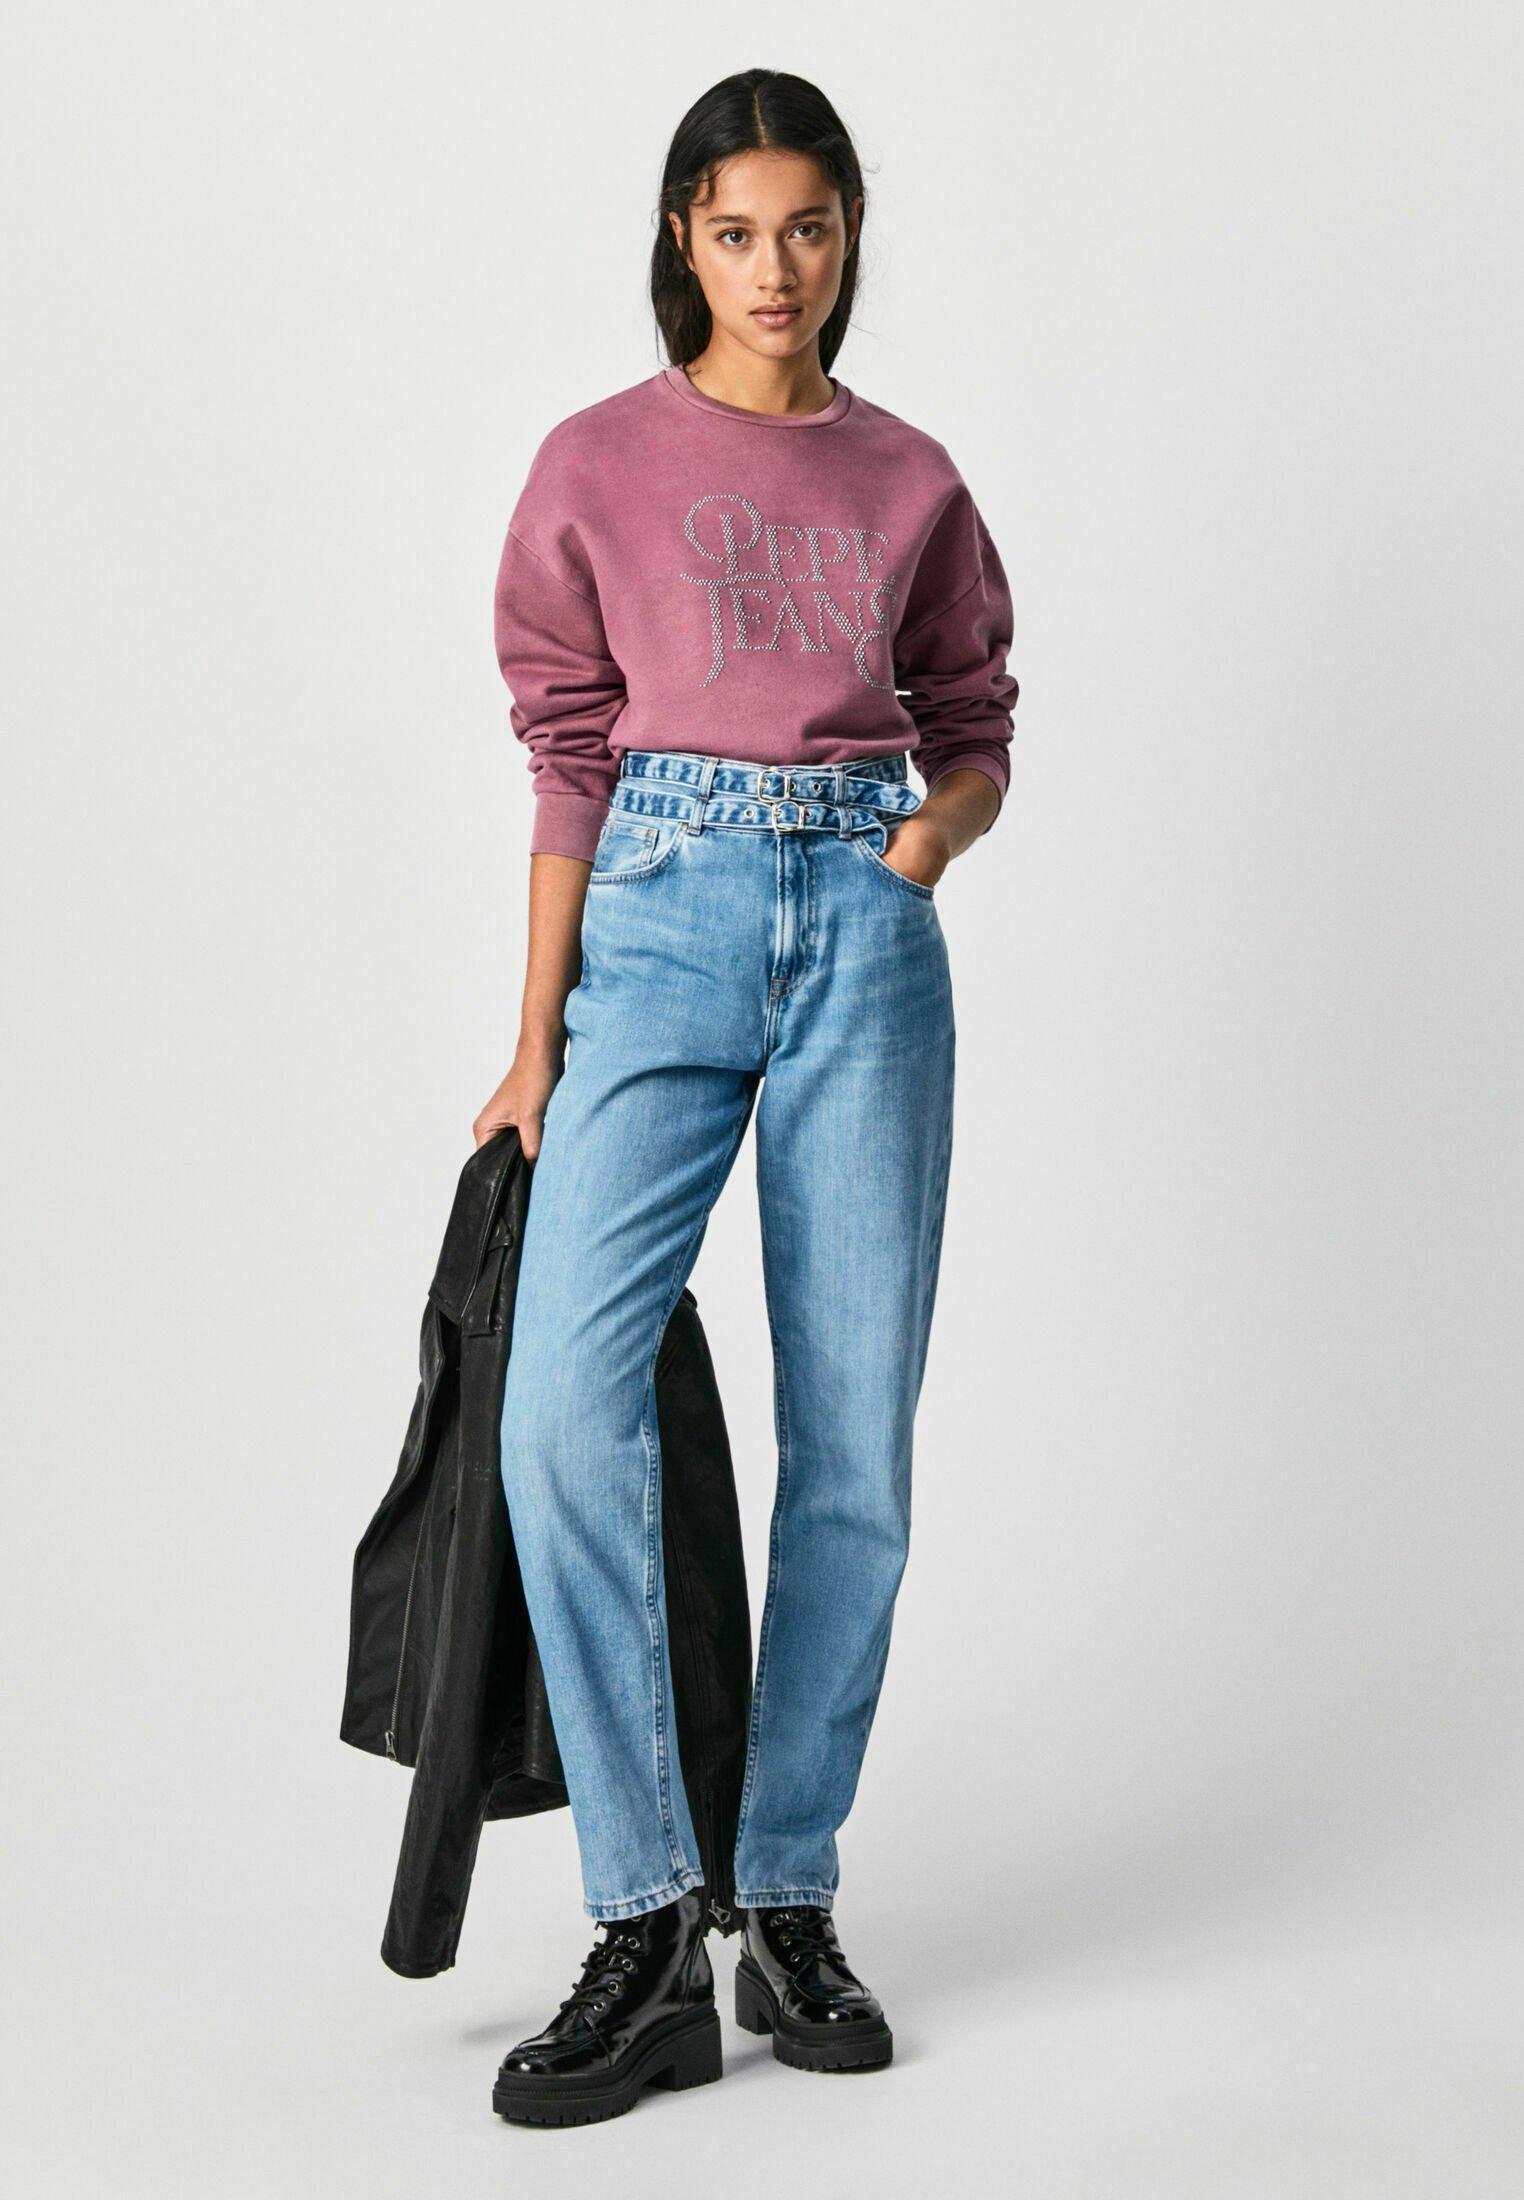 Damen EVITA - Sweatshirt